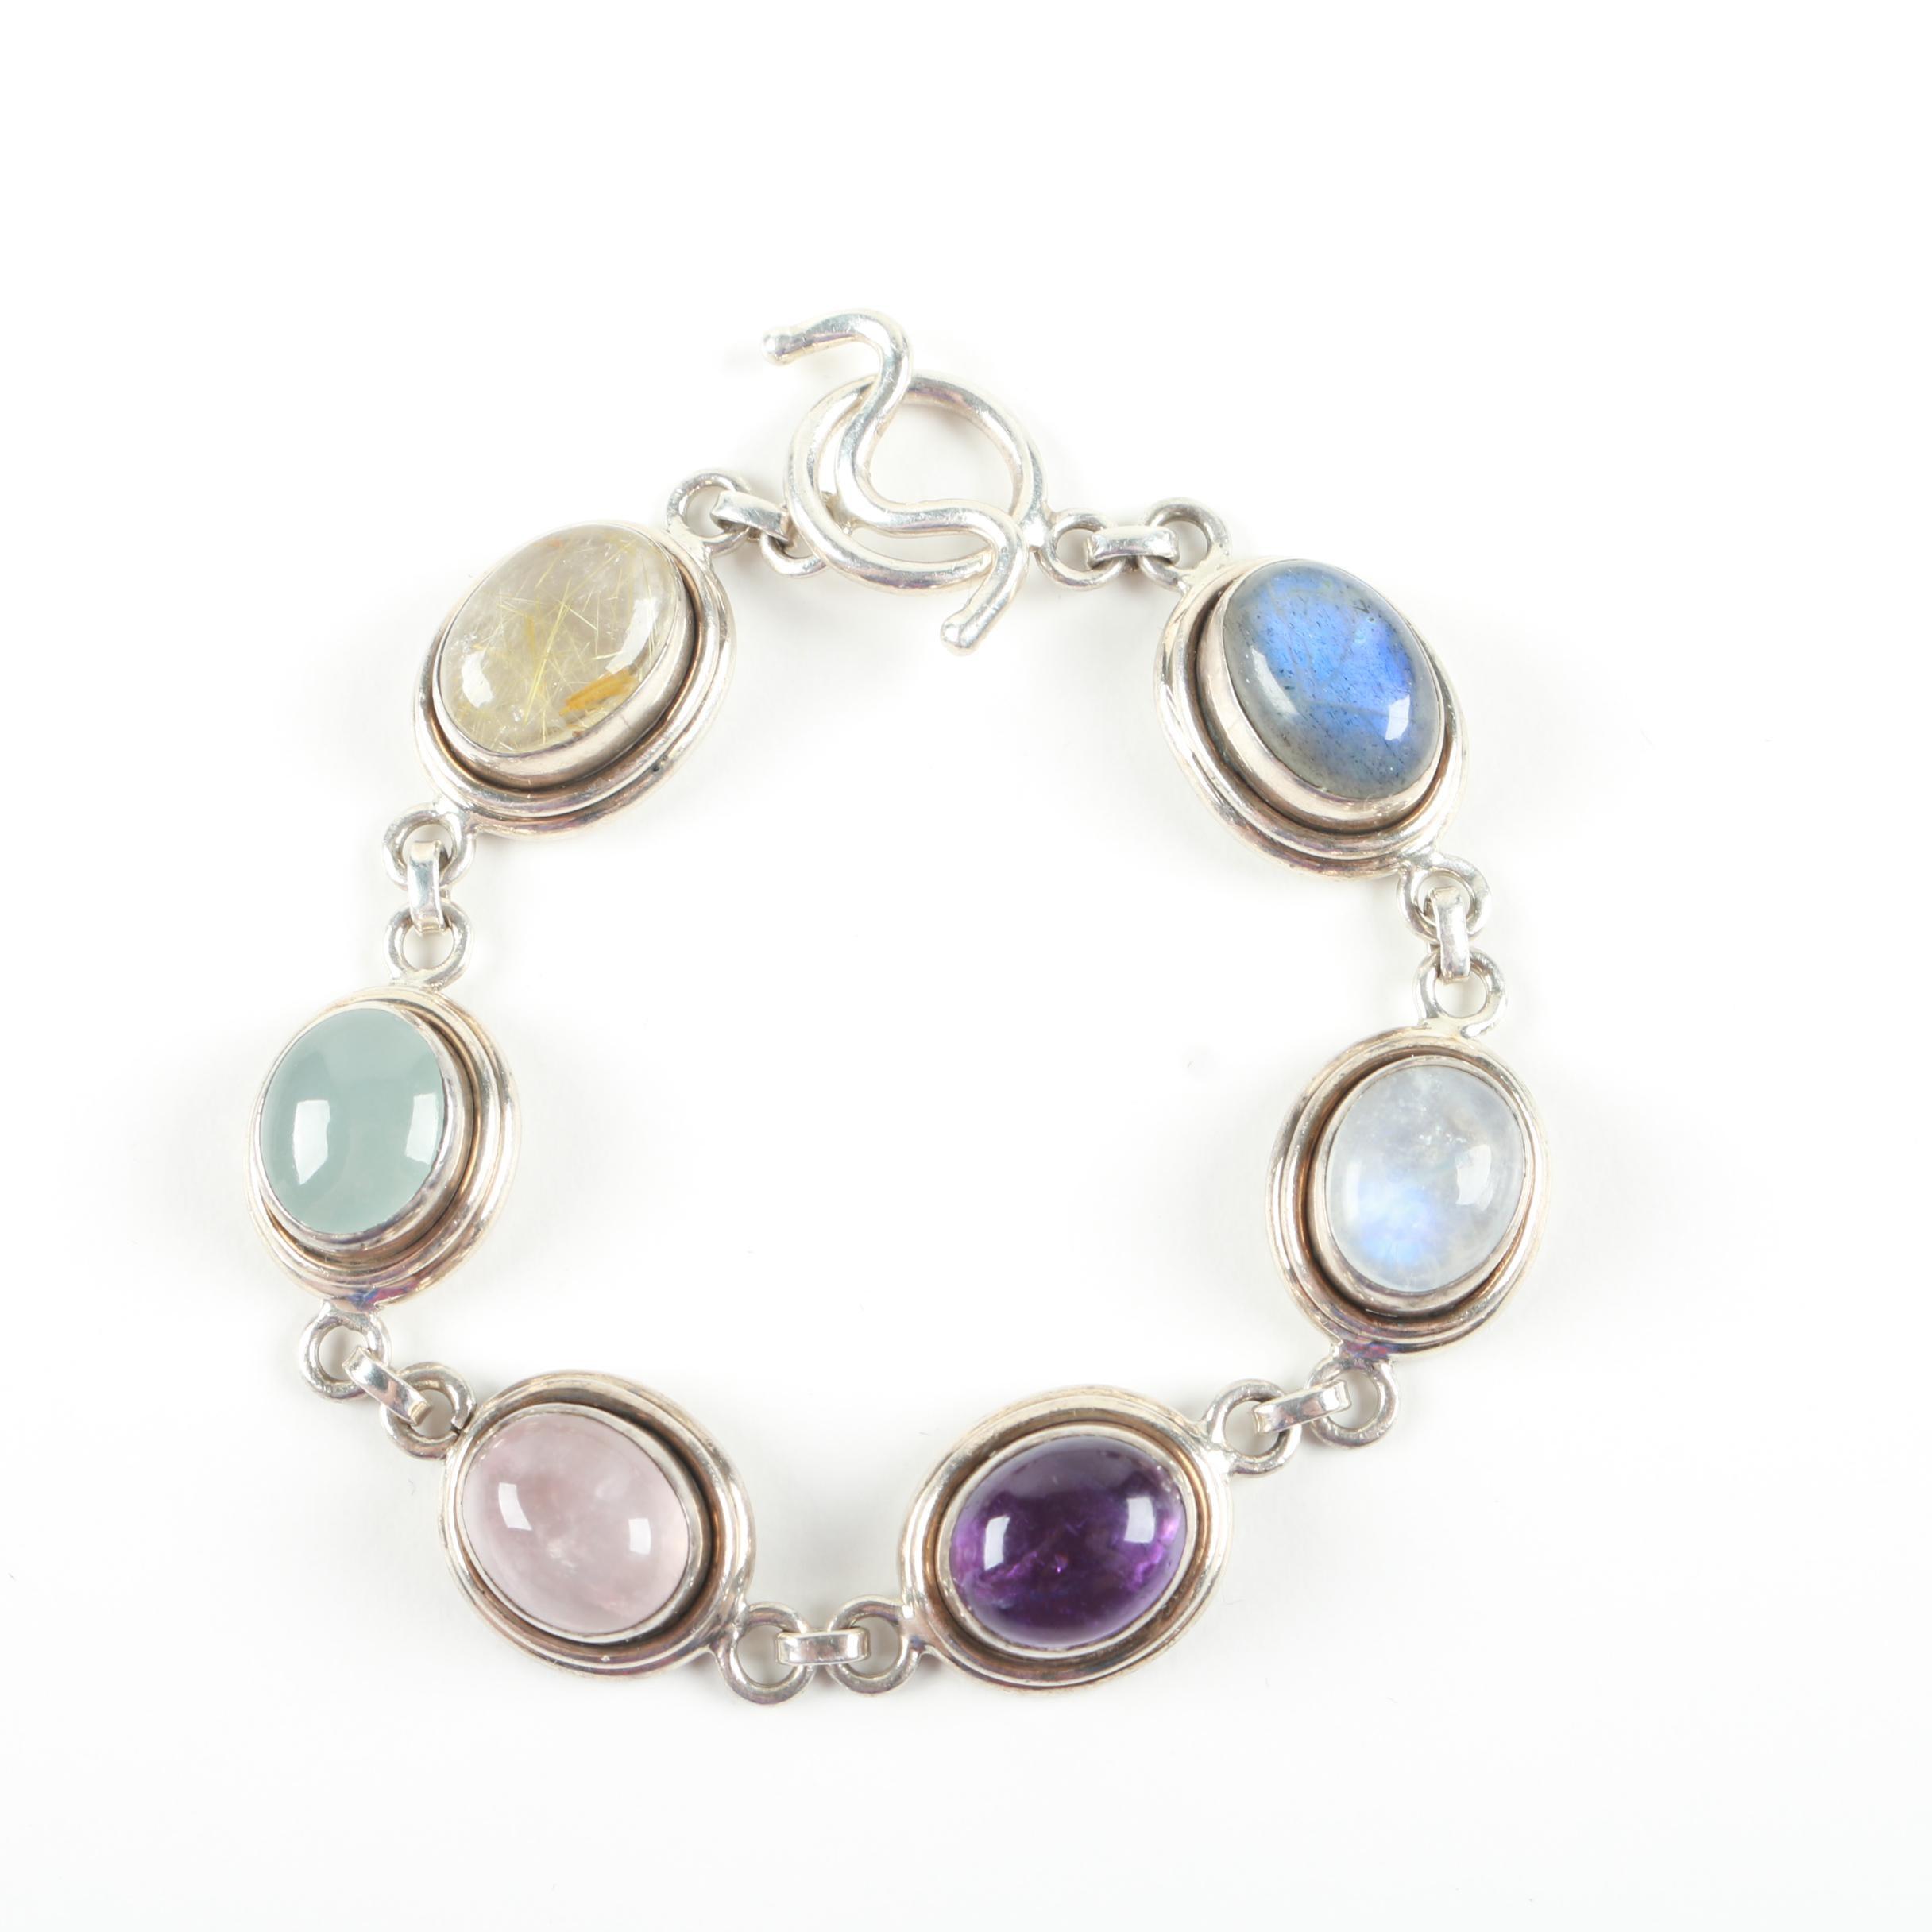 Sterling Silver Bracelet With Gemstones